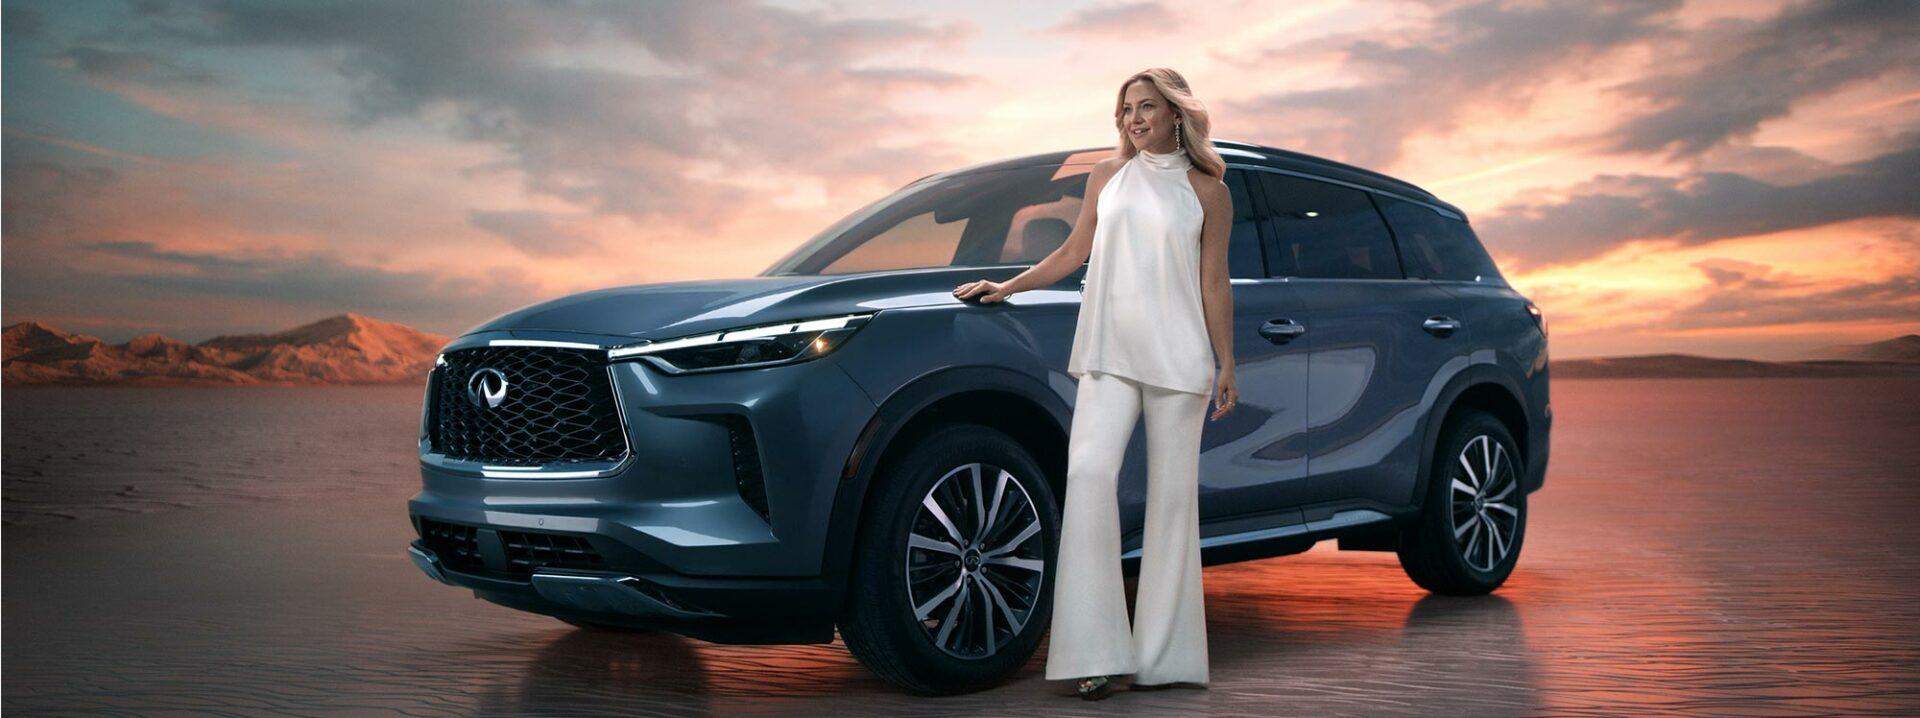 Este vehículo hizo su estreno global en Hollywood